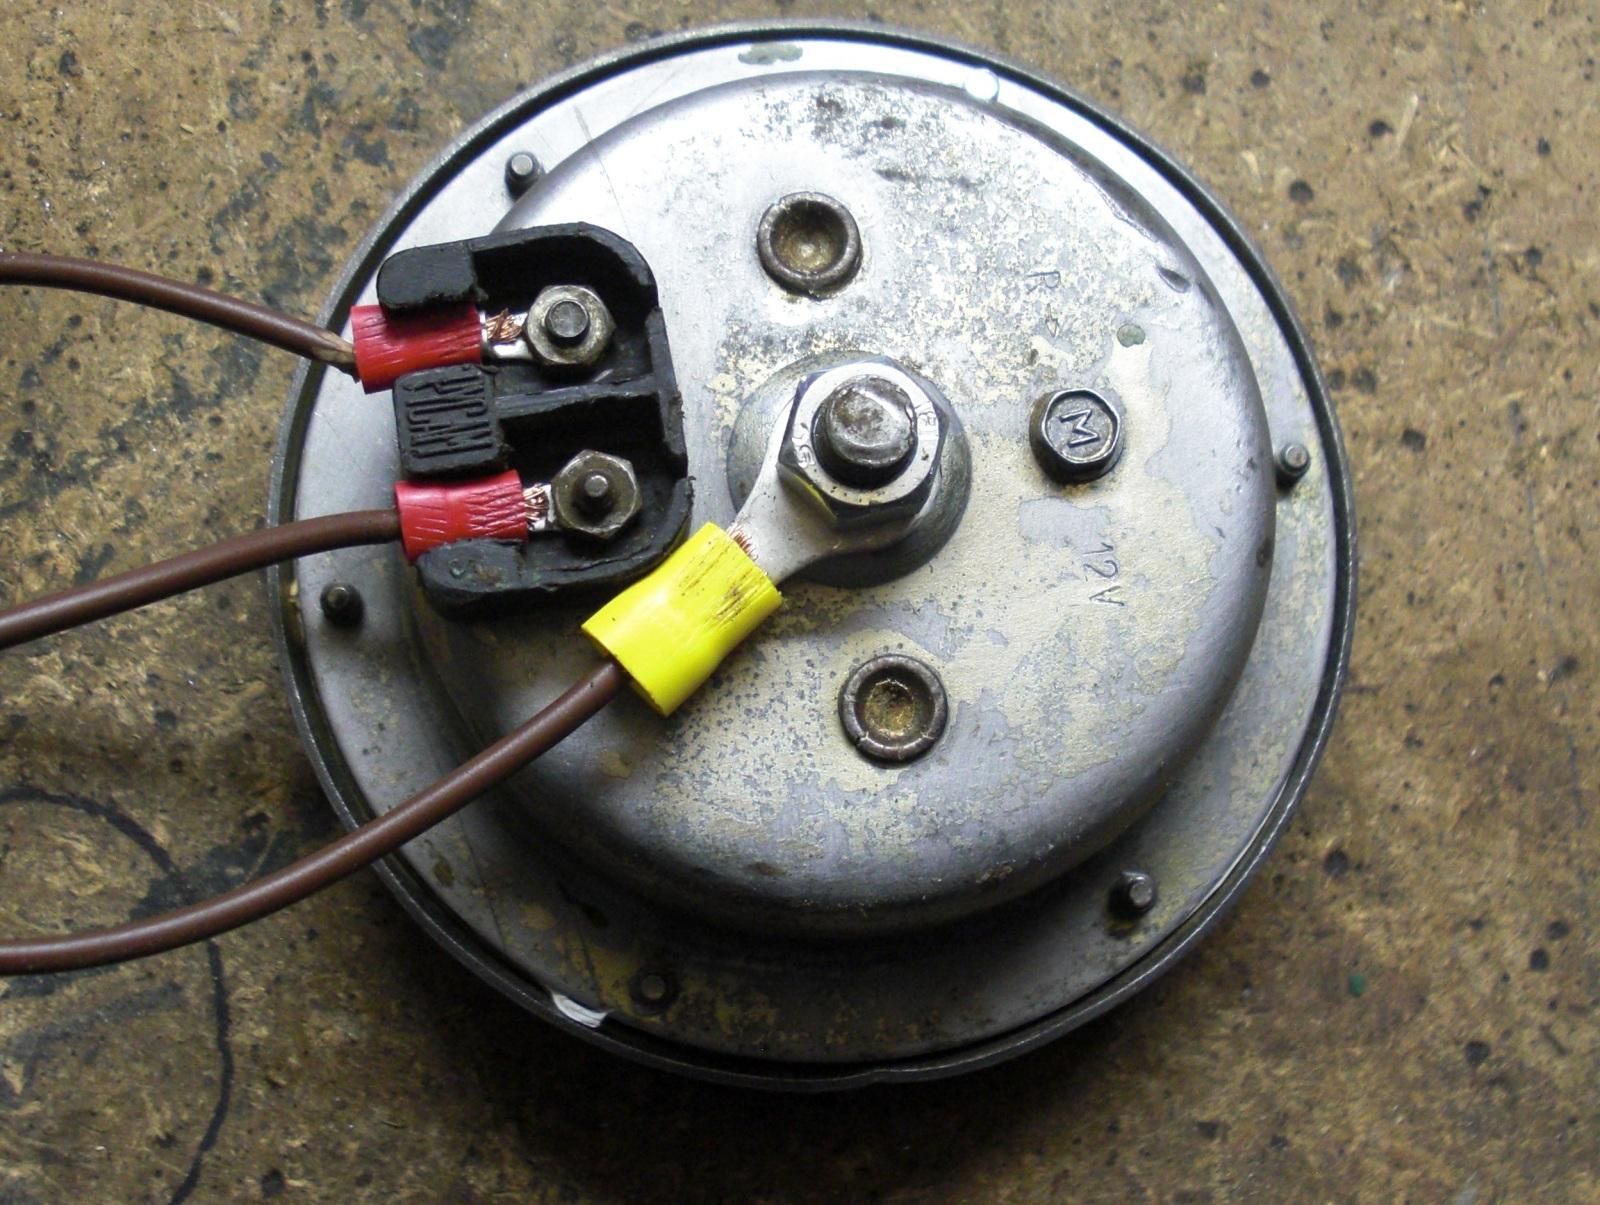 [John Deere 717]  Dudas con la instalación eléctrica 8xj3eo